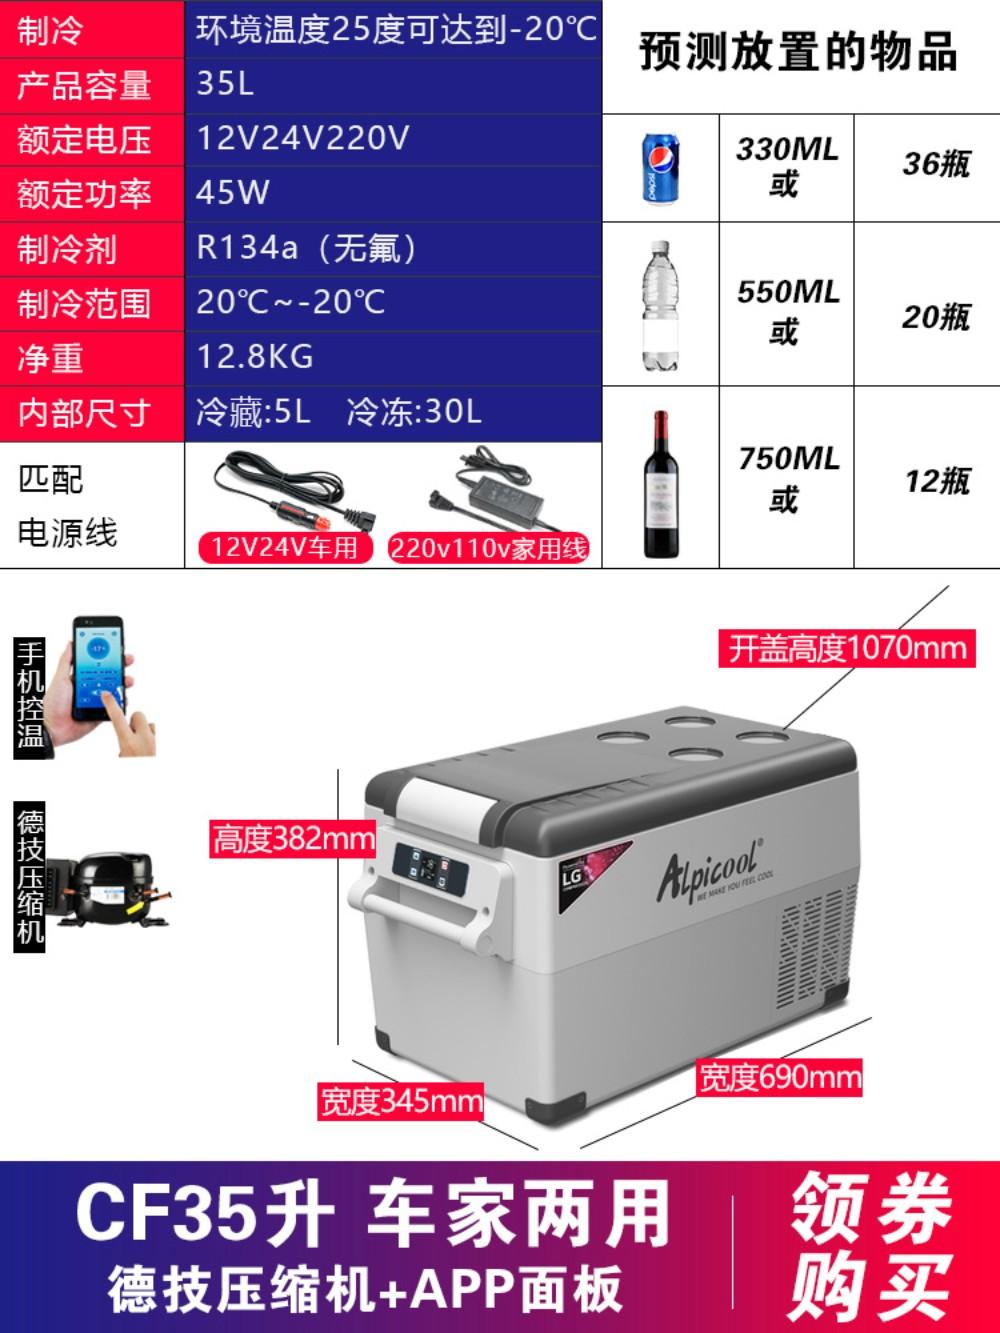 로얄팡 알피쿨 차량용 캠핑 냉장고 냉동고 전기 아이스박스 T36 T50 T60, CF35